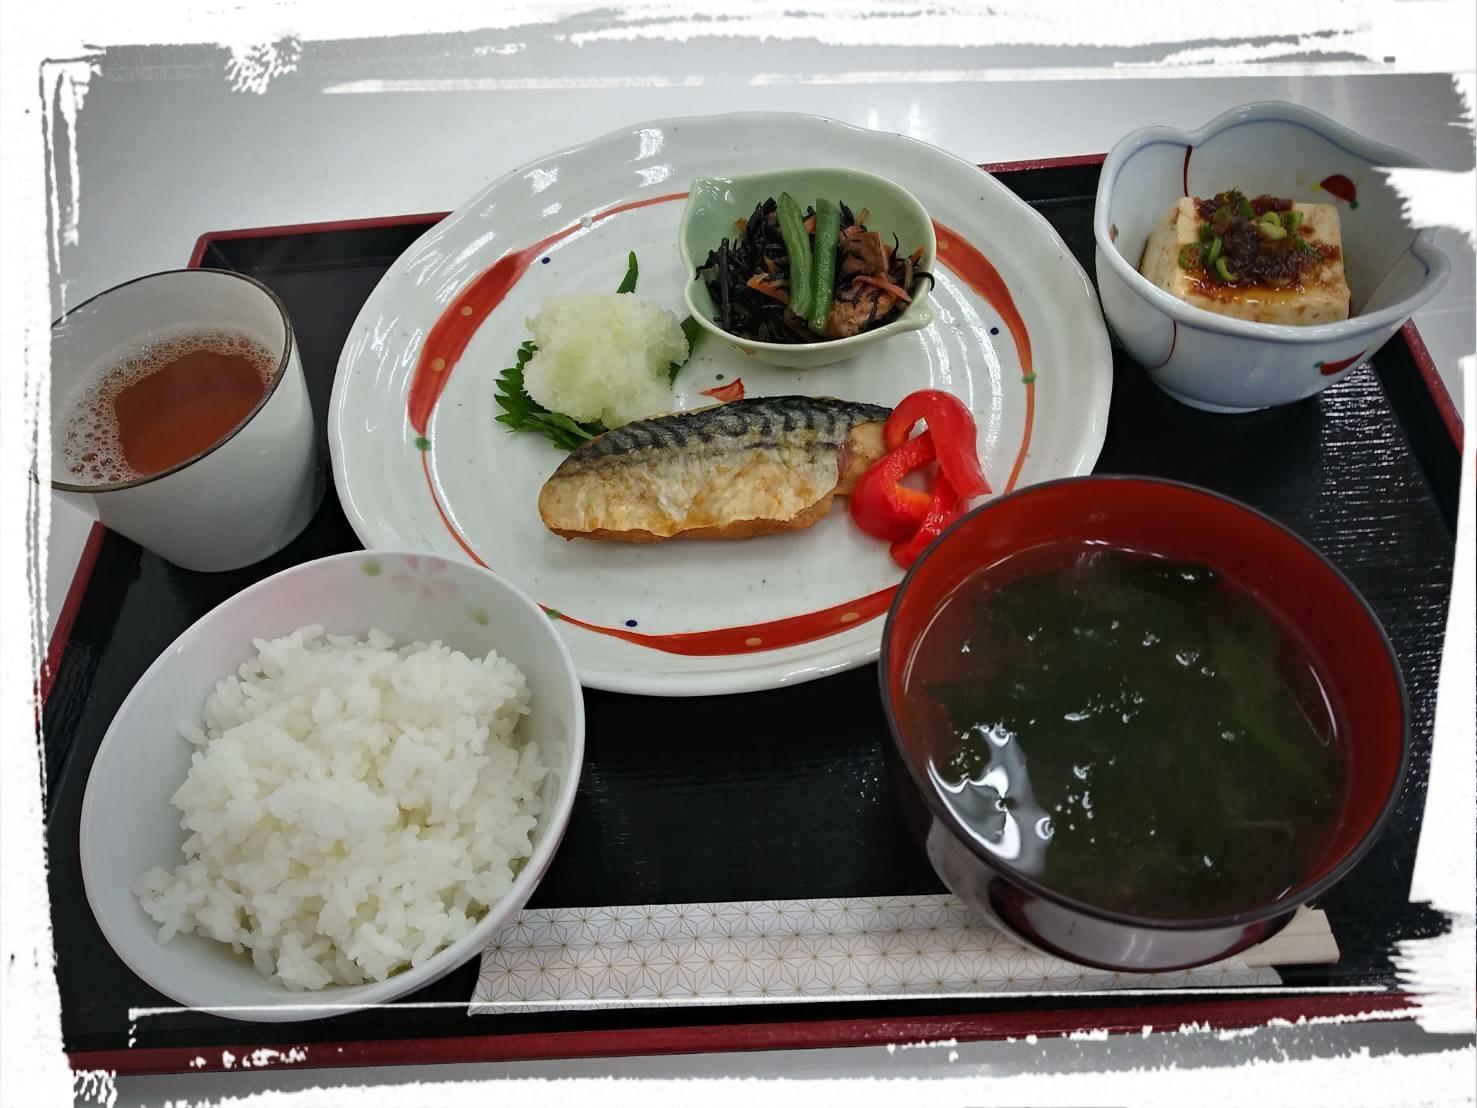 焼き魚とわかめスープ定食の写真